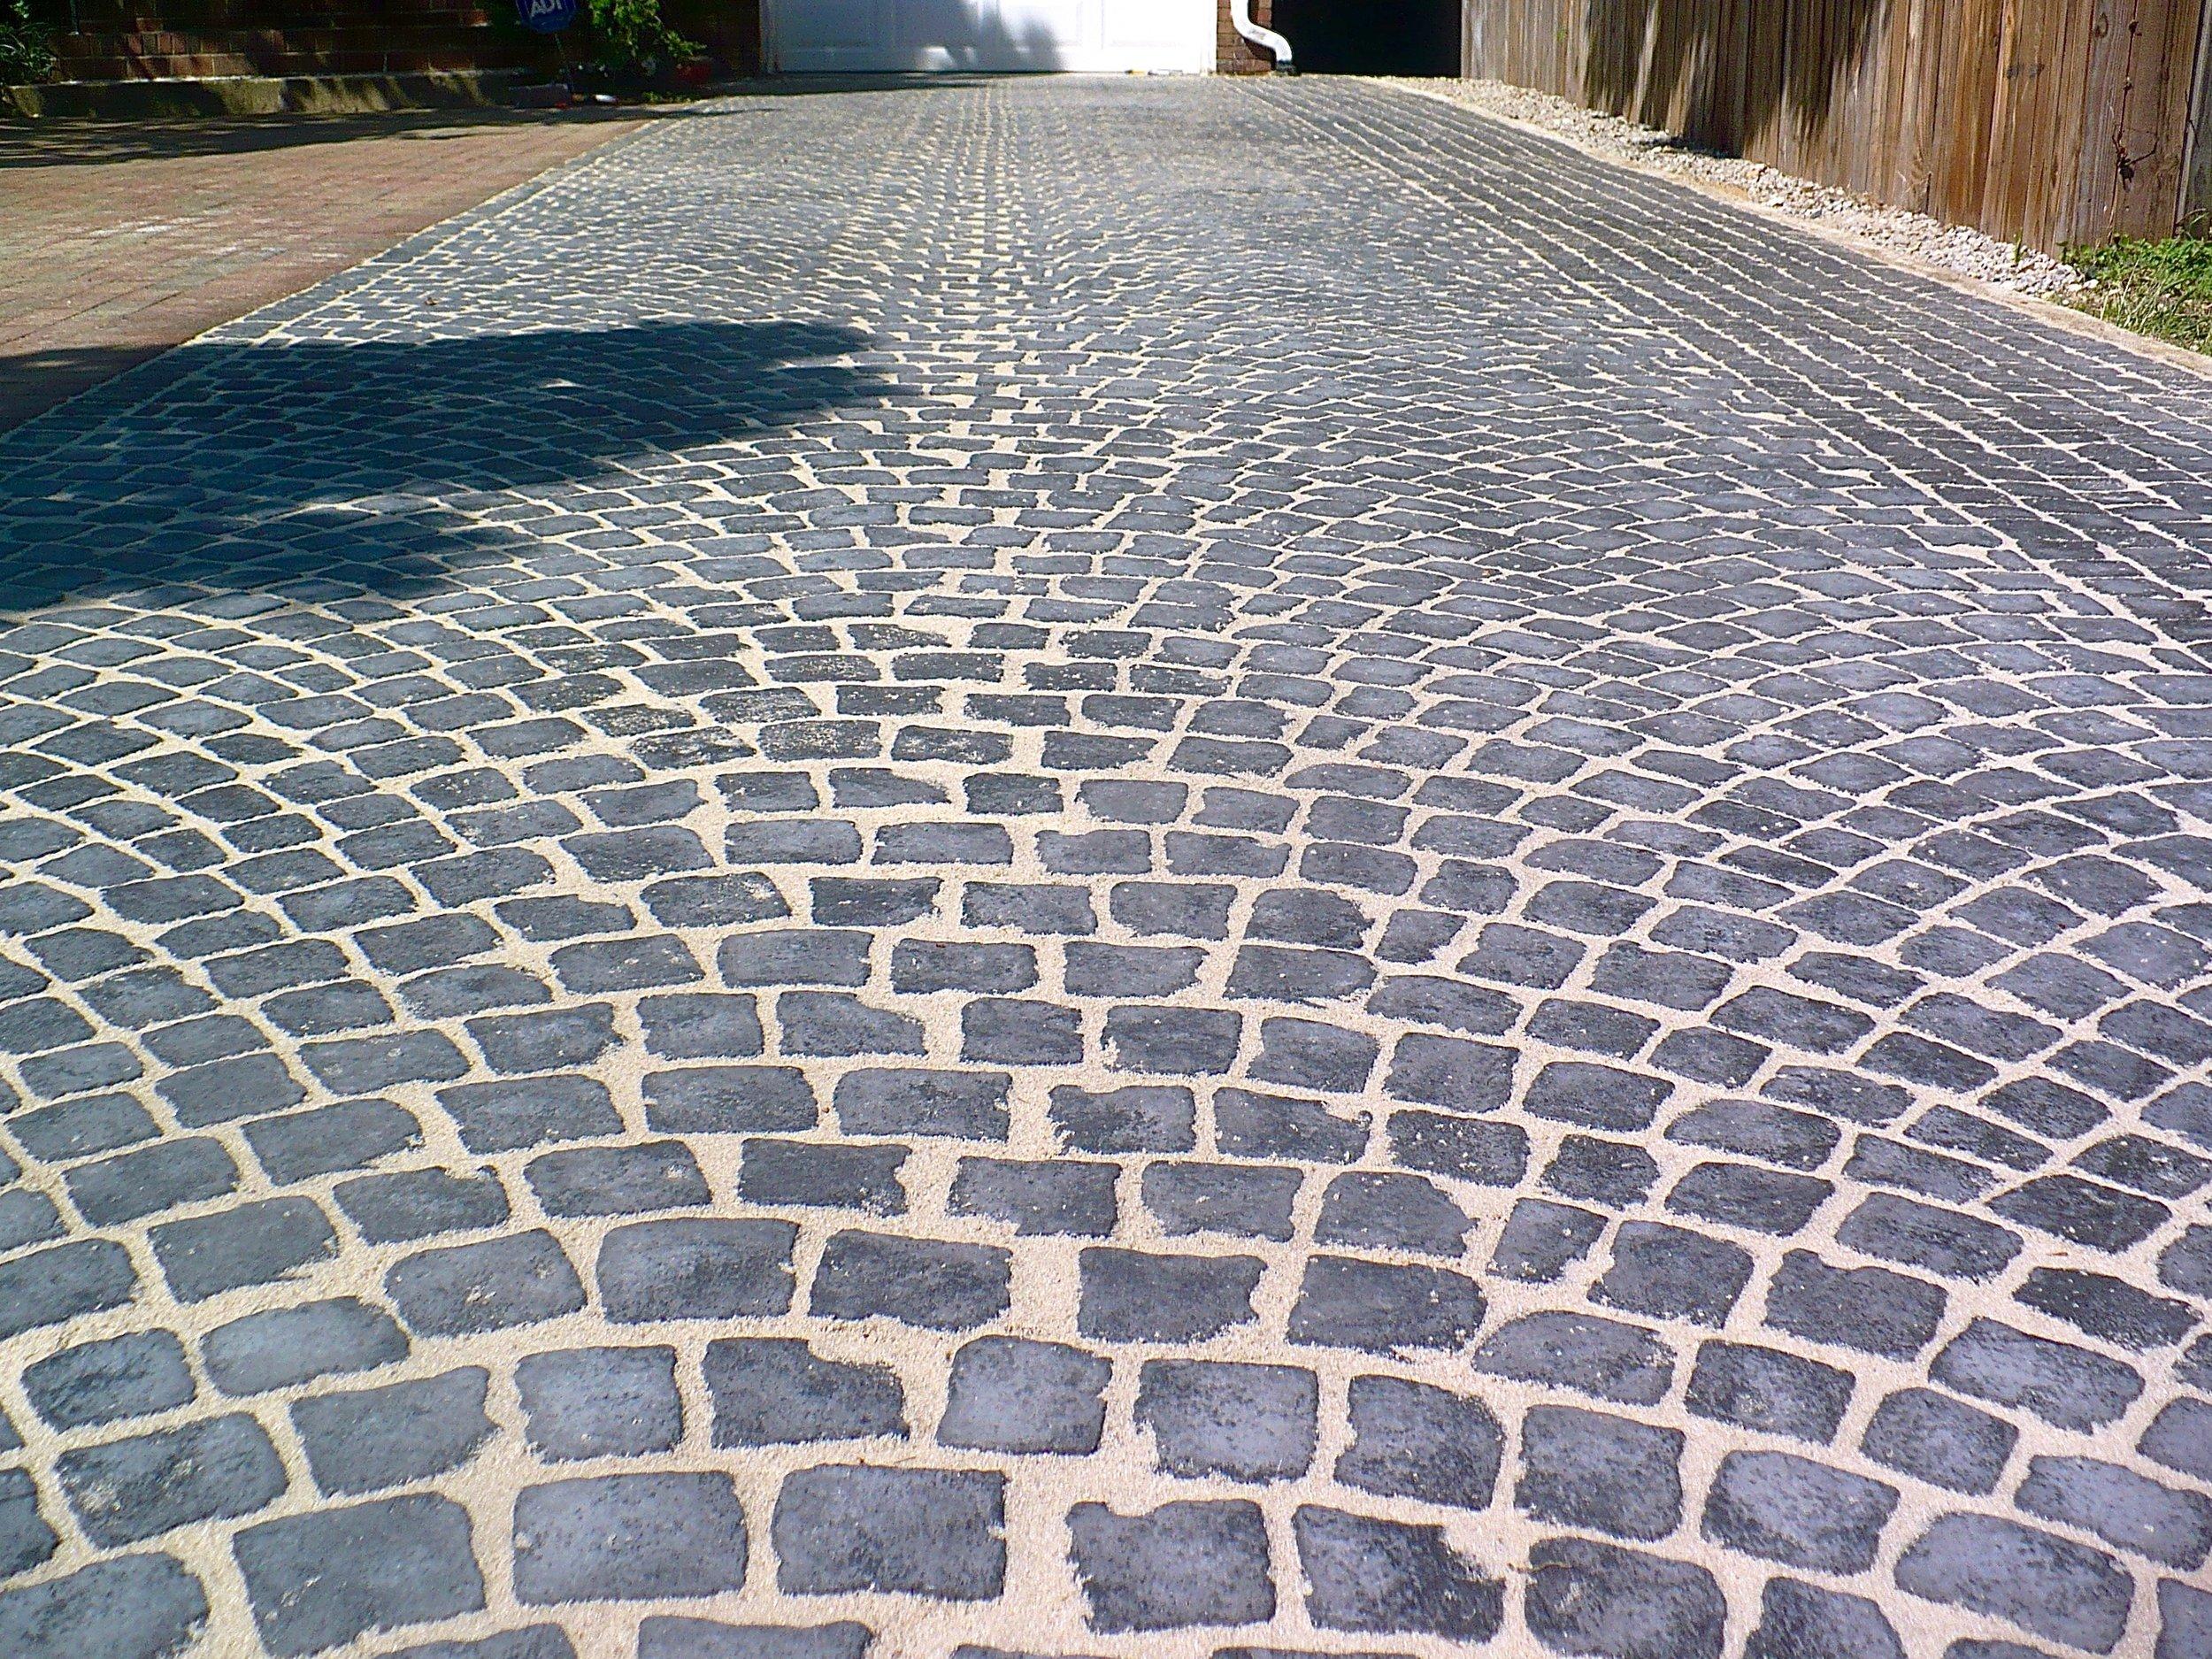 A newly-refinished driveway